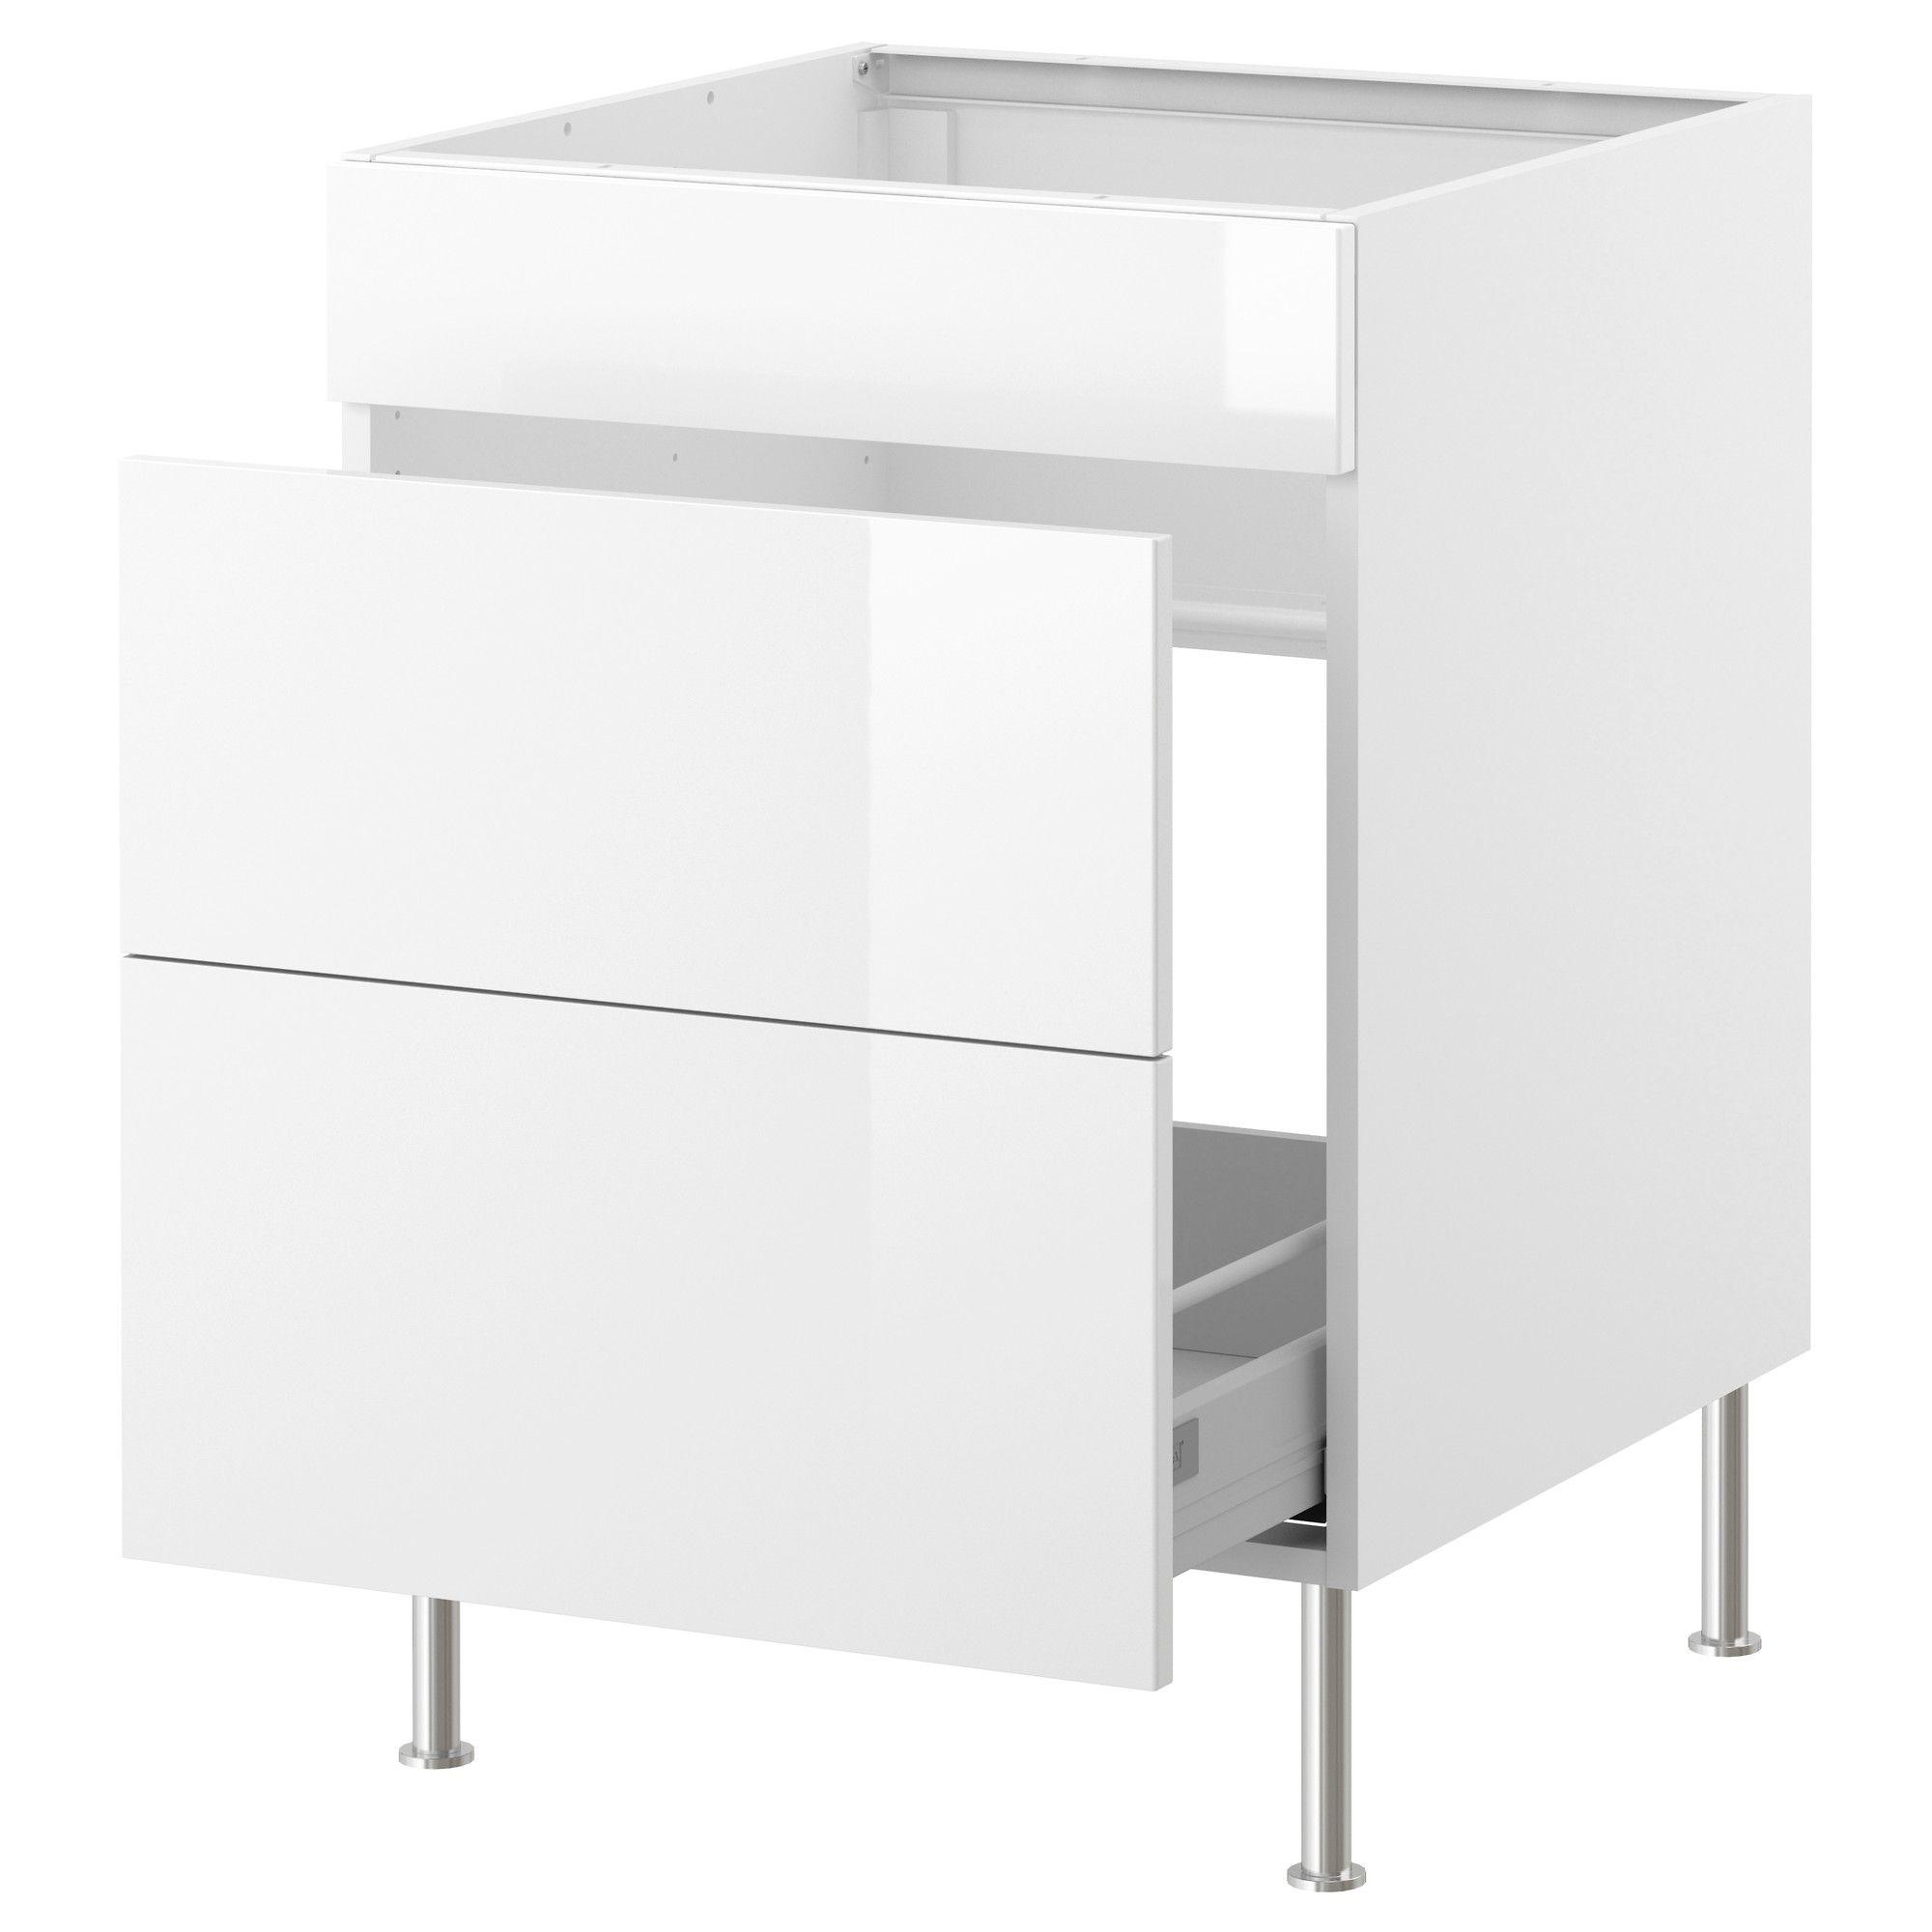 Faktum Meuble Evier Tri Dechets Abstrakt Blanc 60 Cm Ikea Meuble Evier Decoration Interieure Et Exterieure Ikea